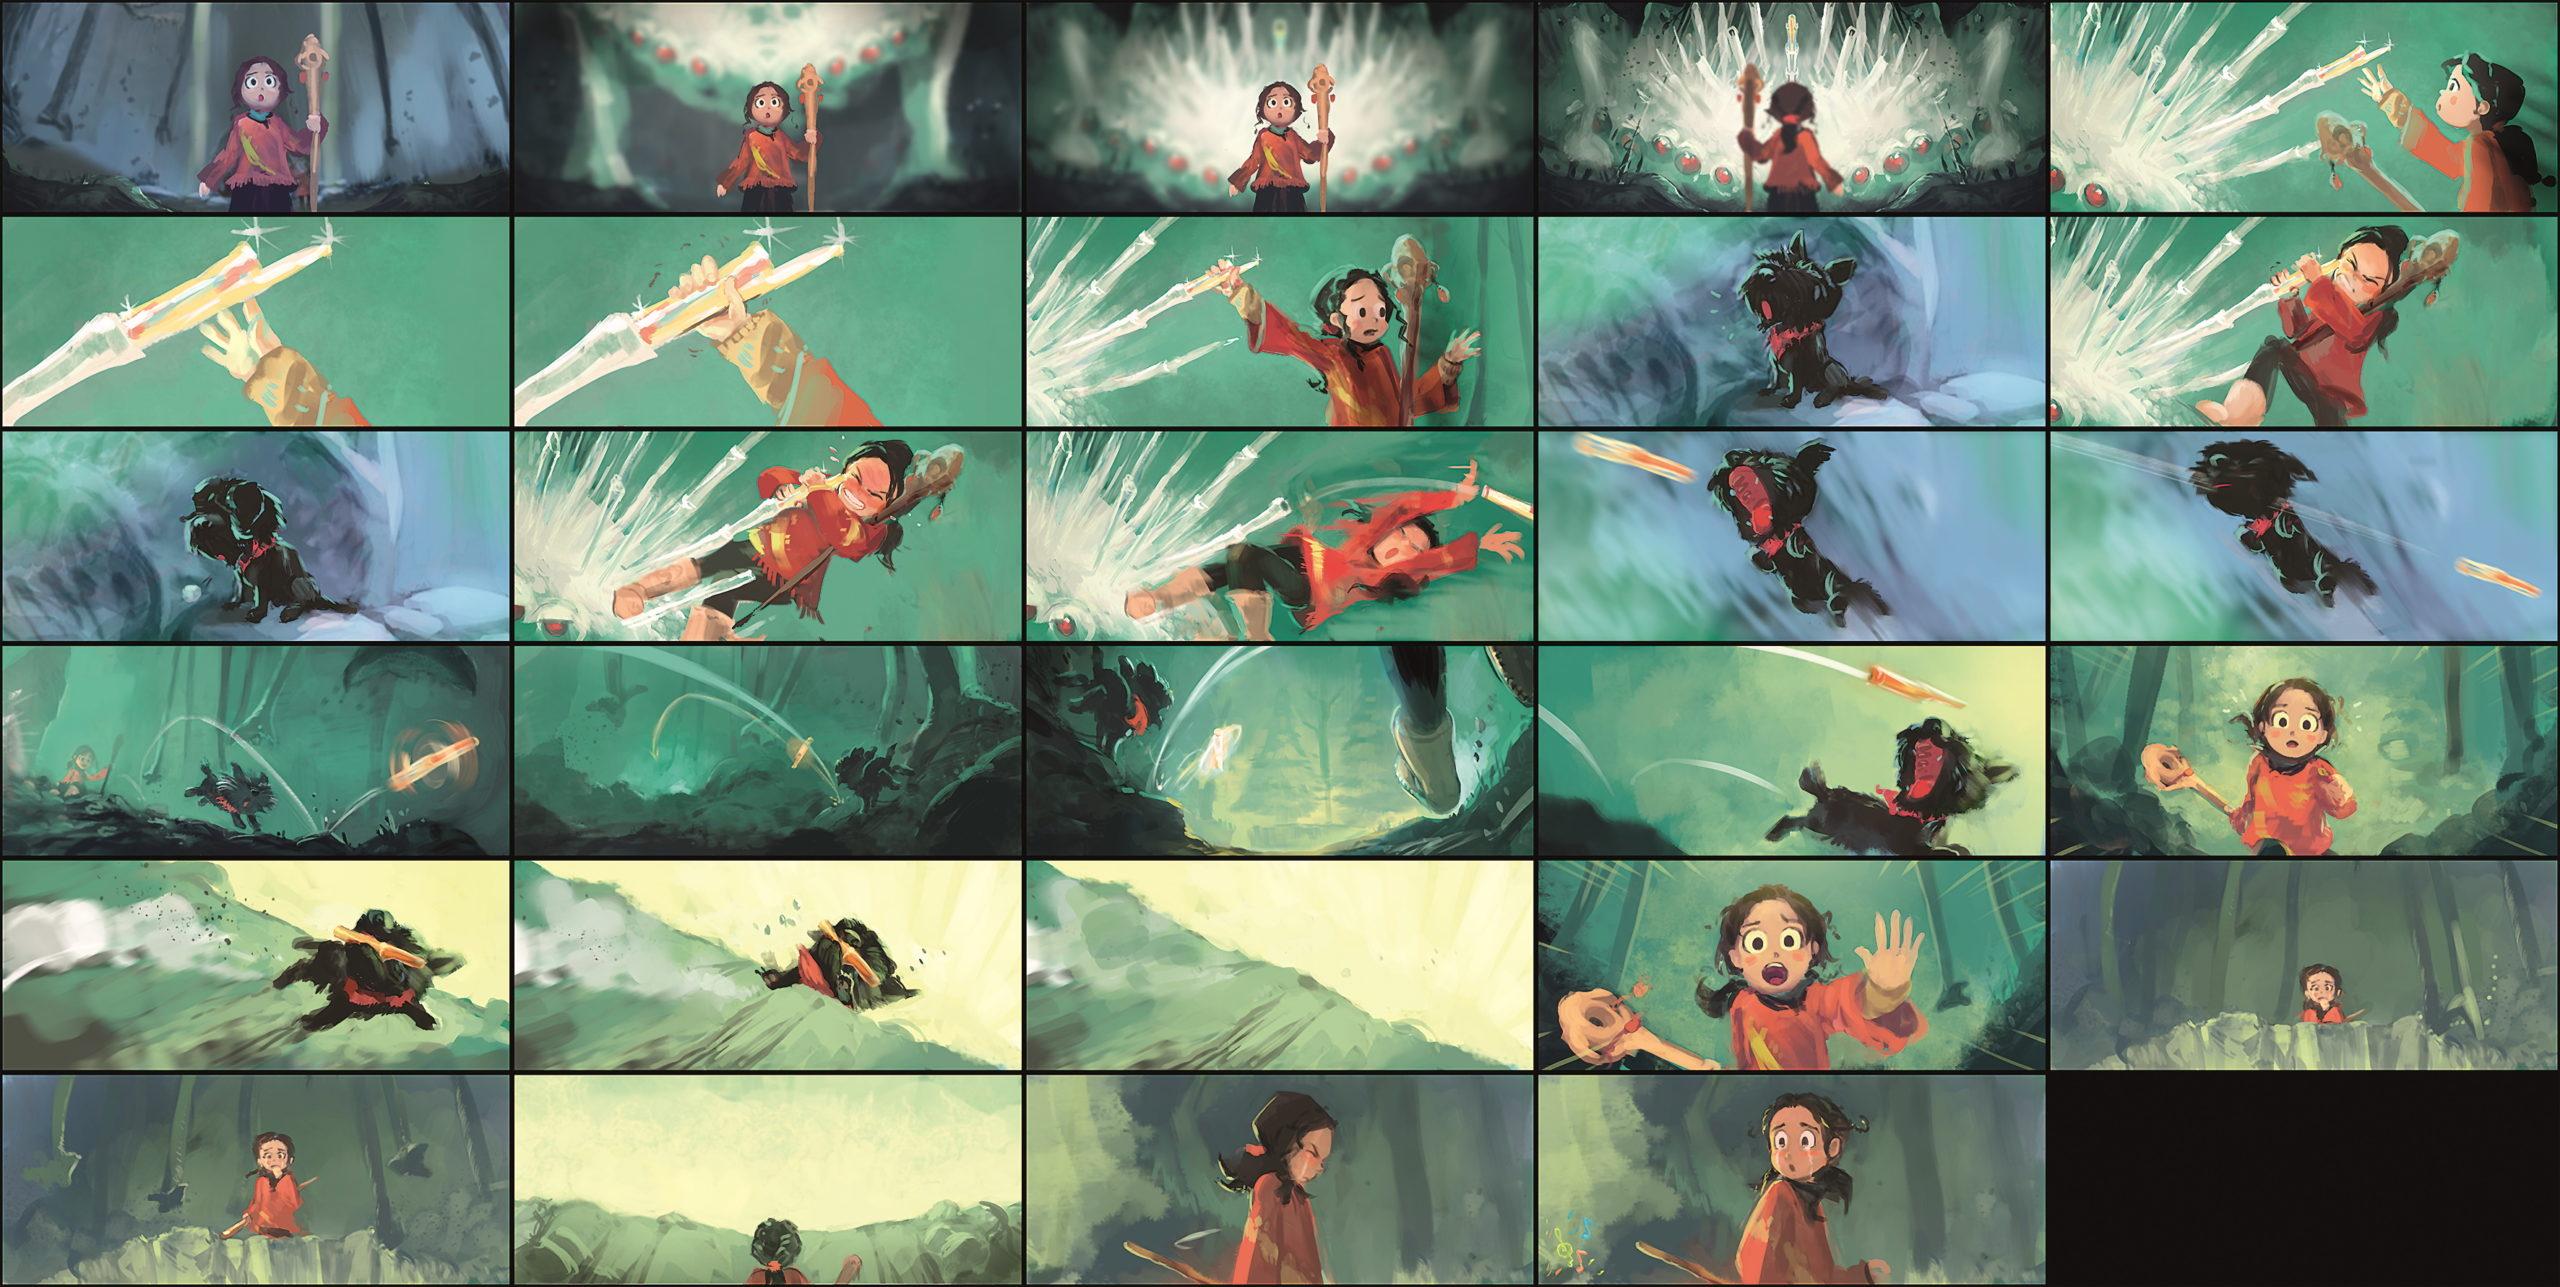 Die zentrale Sequenz des Films als Storyboard. Man erkennt, dass im Laufe des Films noch einige Änderungen vorgenommen wurden.